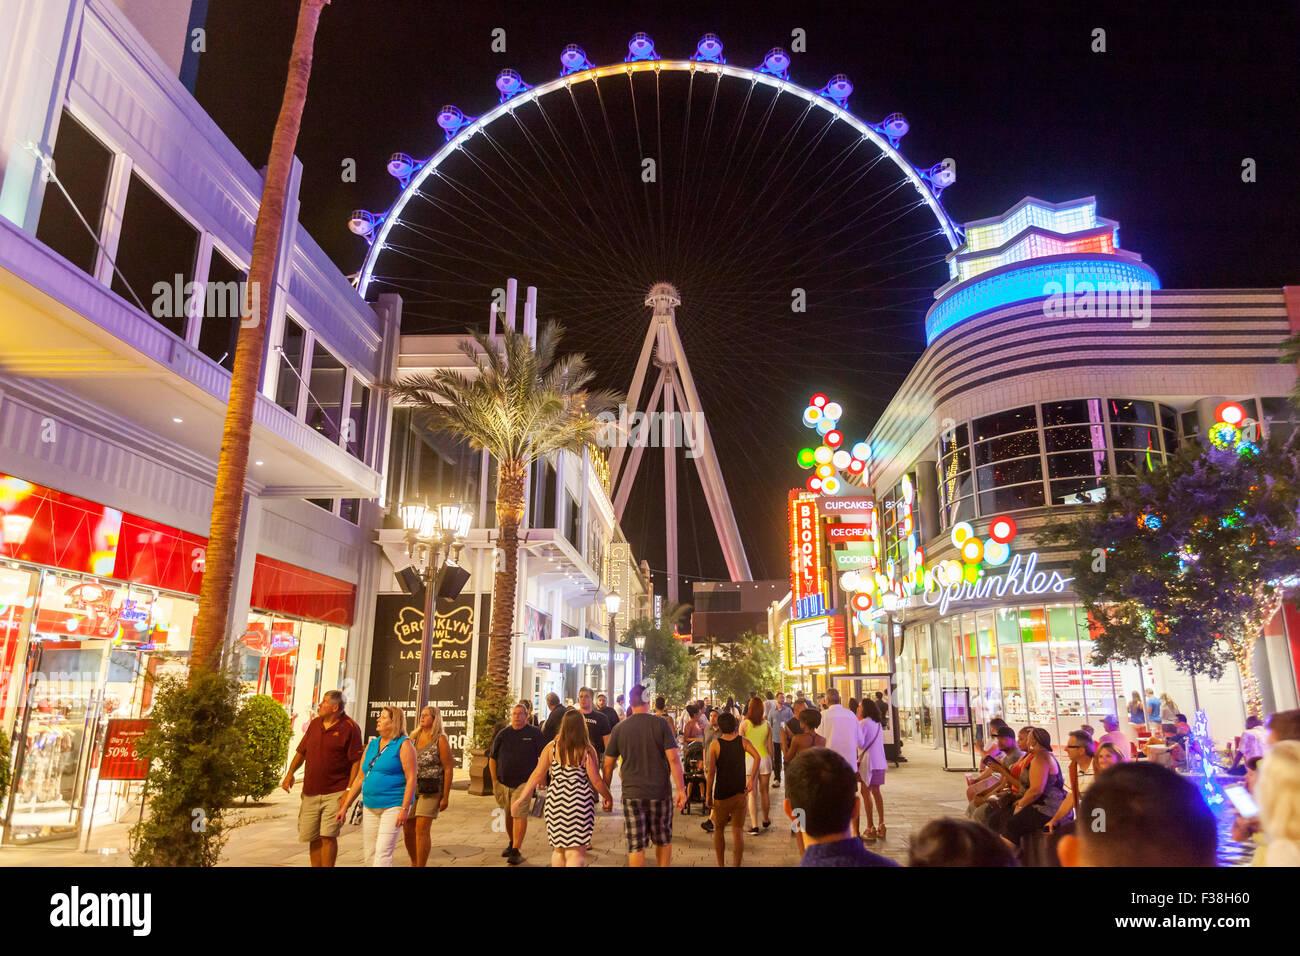 Eine Nachtansicht der High Roller Riesenrad in Las Vegas, Nevada. Stockbild